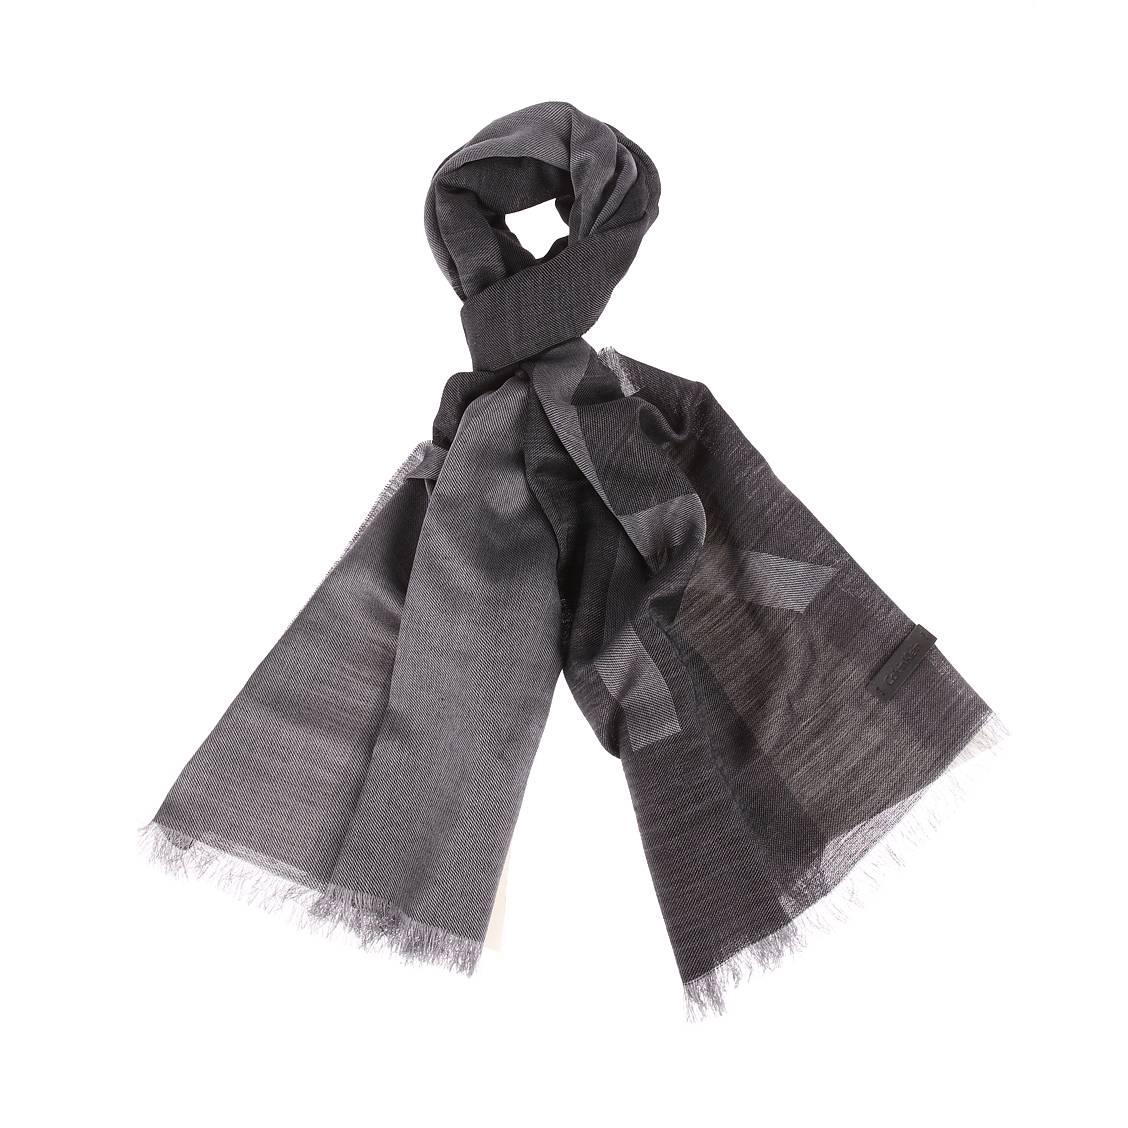 Chèche calvin klein jeans en laine mélangée noire floqué